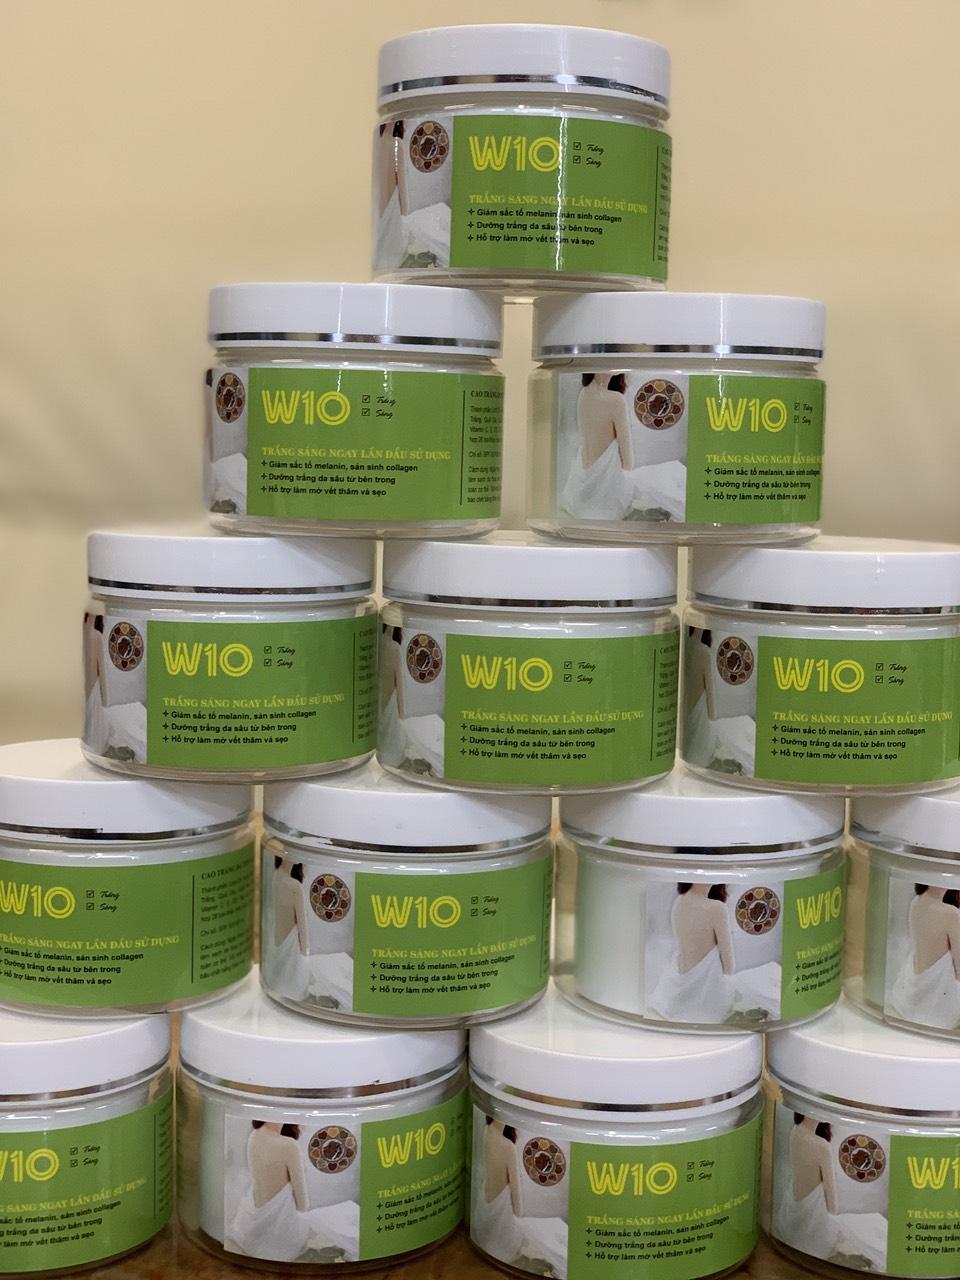 Đồng cỏ thiên y chuyên cung cấp các sản phẩm kem dưỡng da, kem trị mụn - 1